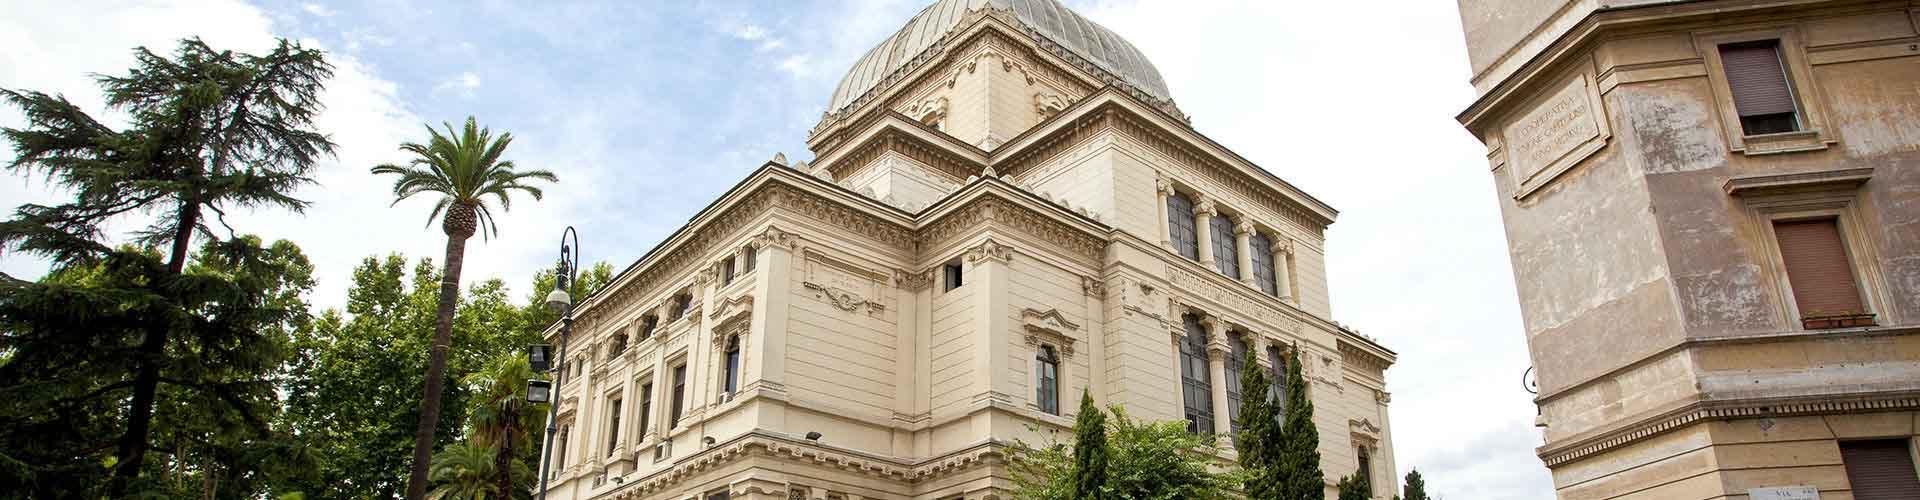 Roma - Albergues Juveniles cerca a Gran Sinagoga de Roma. Mapas de Roma, Fotos y Comentarios para cada Albergue Juvenil en Roma.